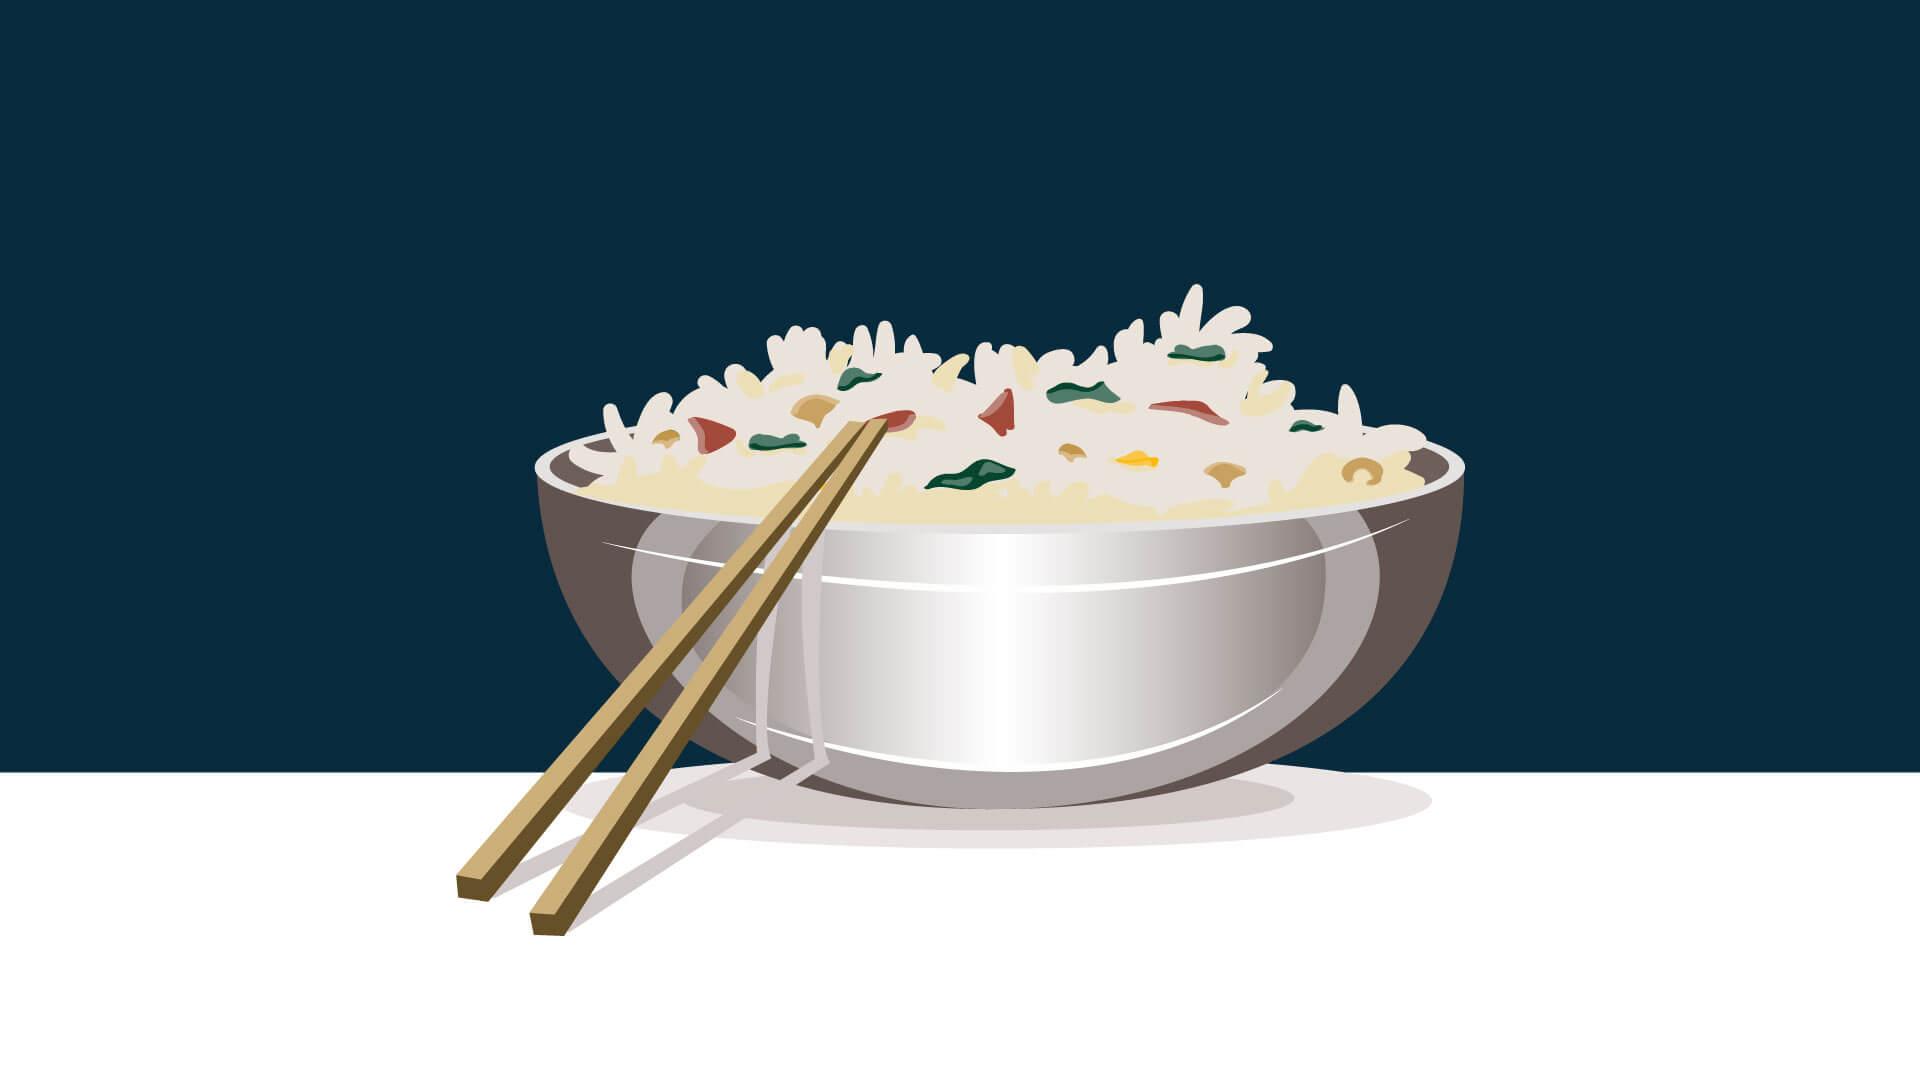 Dieta ryżowa – na czym polega? Czy jest bezpieczna?